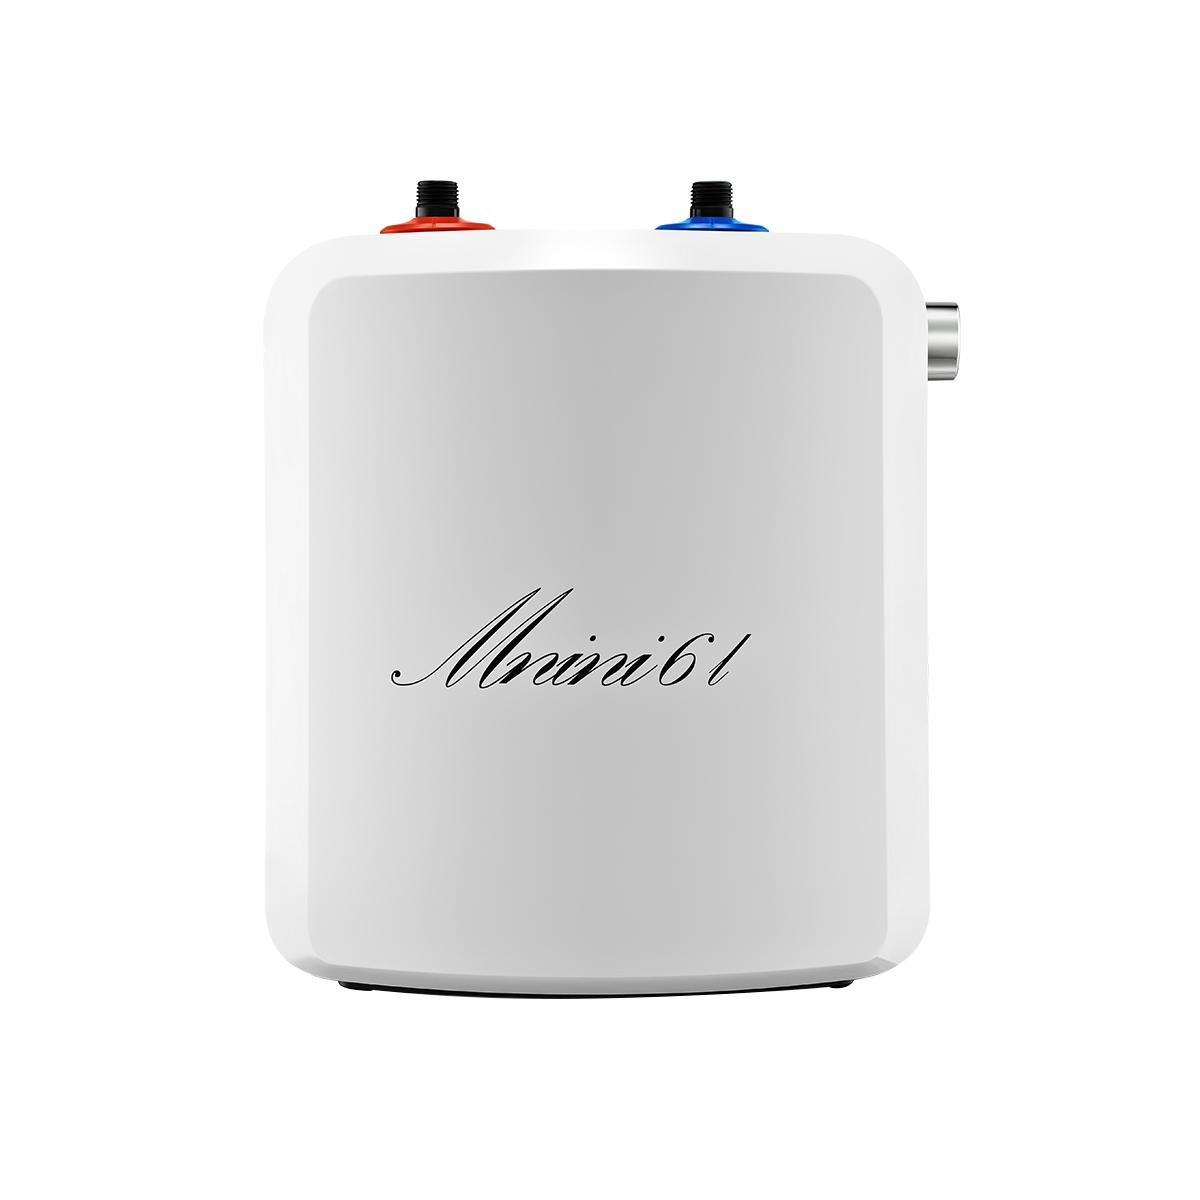 Midea/美的 F06-21A3(S)电热水器 说明书.pdf